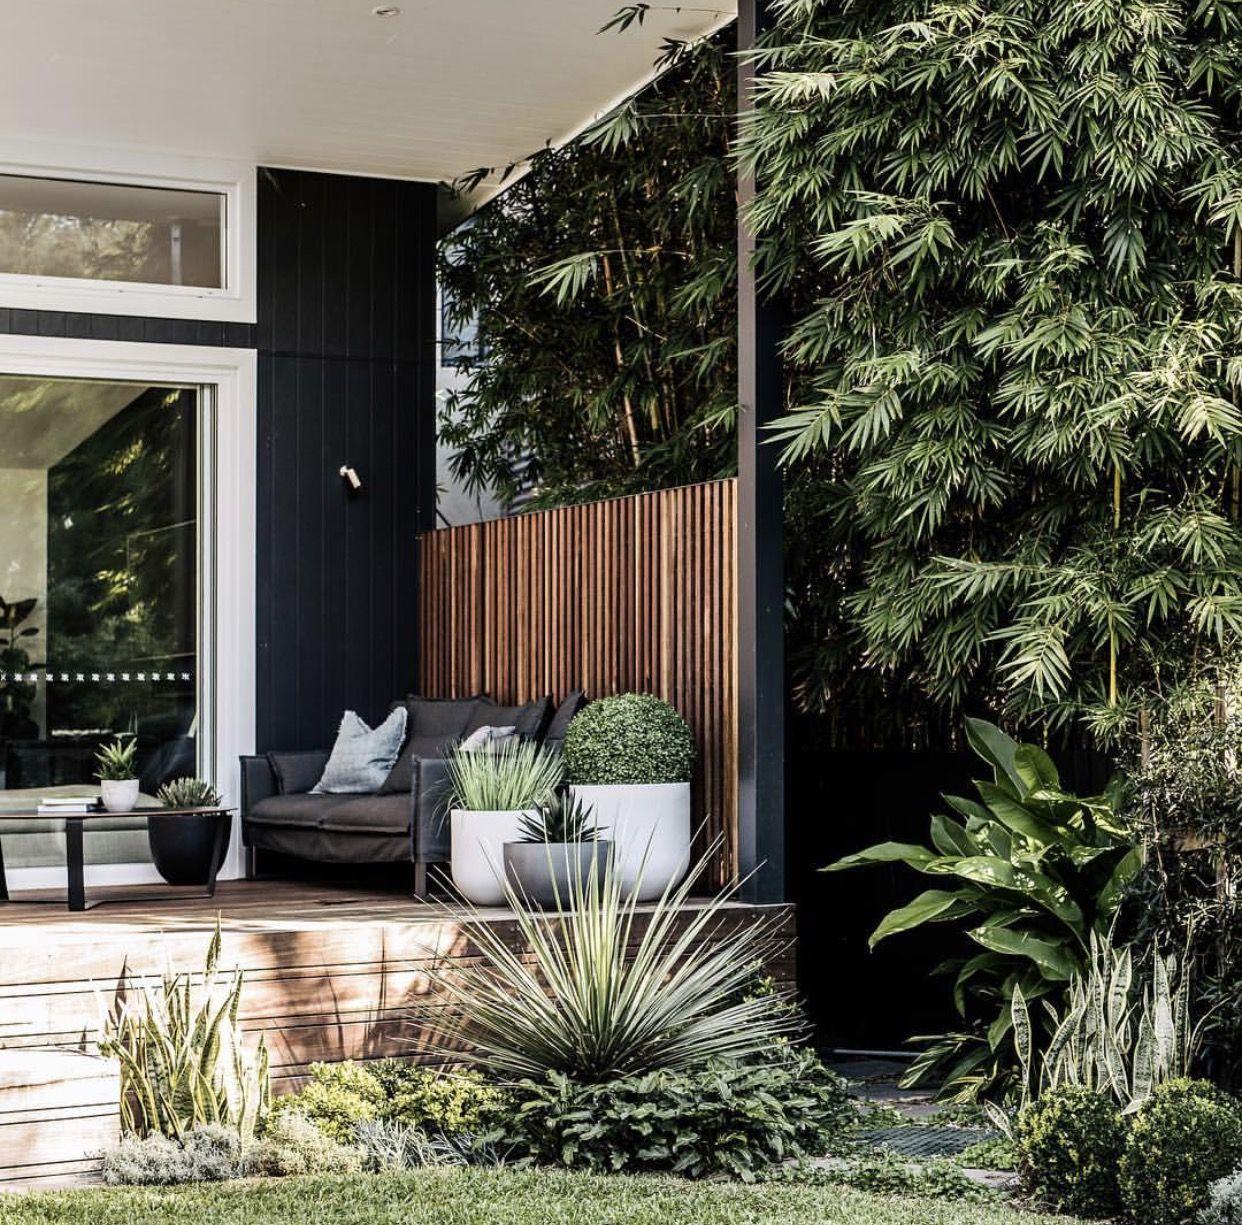 Timber Outdoor Living: Garden In 2019